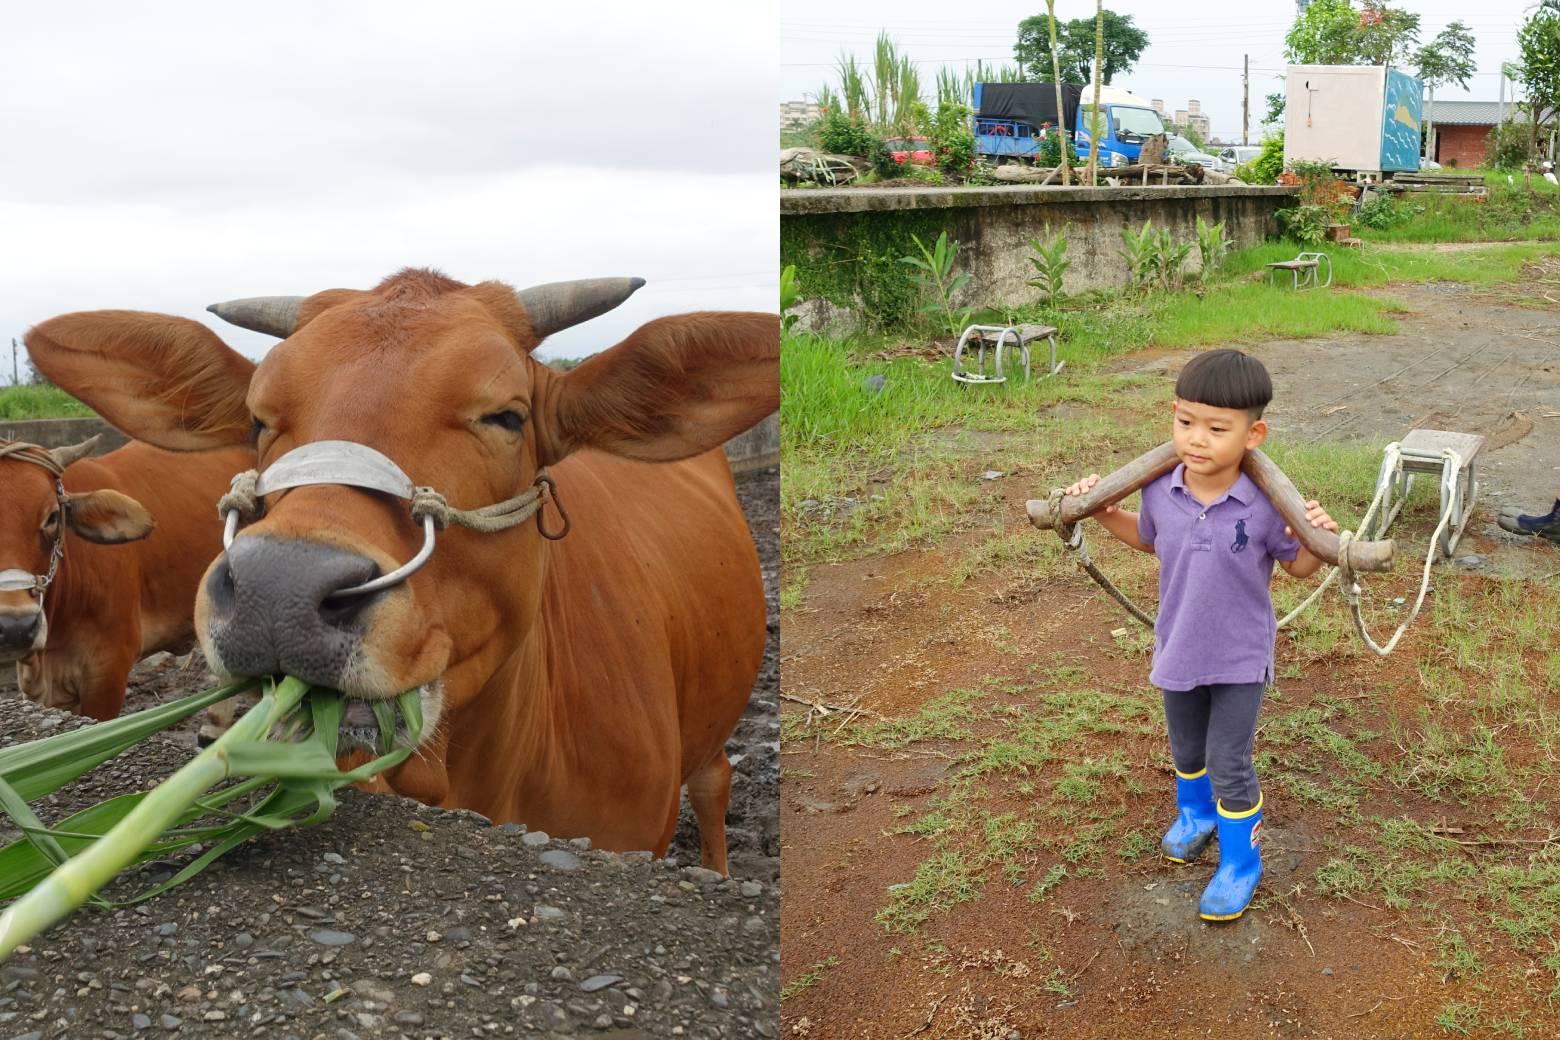 【宜蘭親子景點推薦】牛頭司耕牛小學堂|農耕體驗半日遊